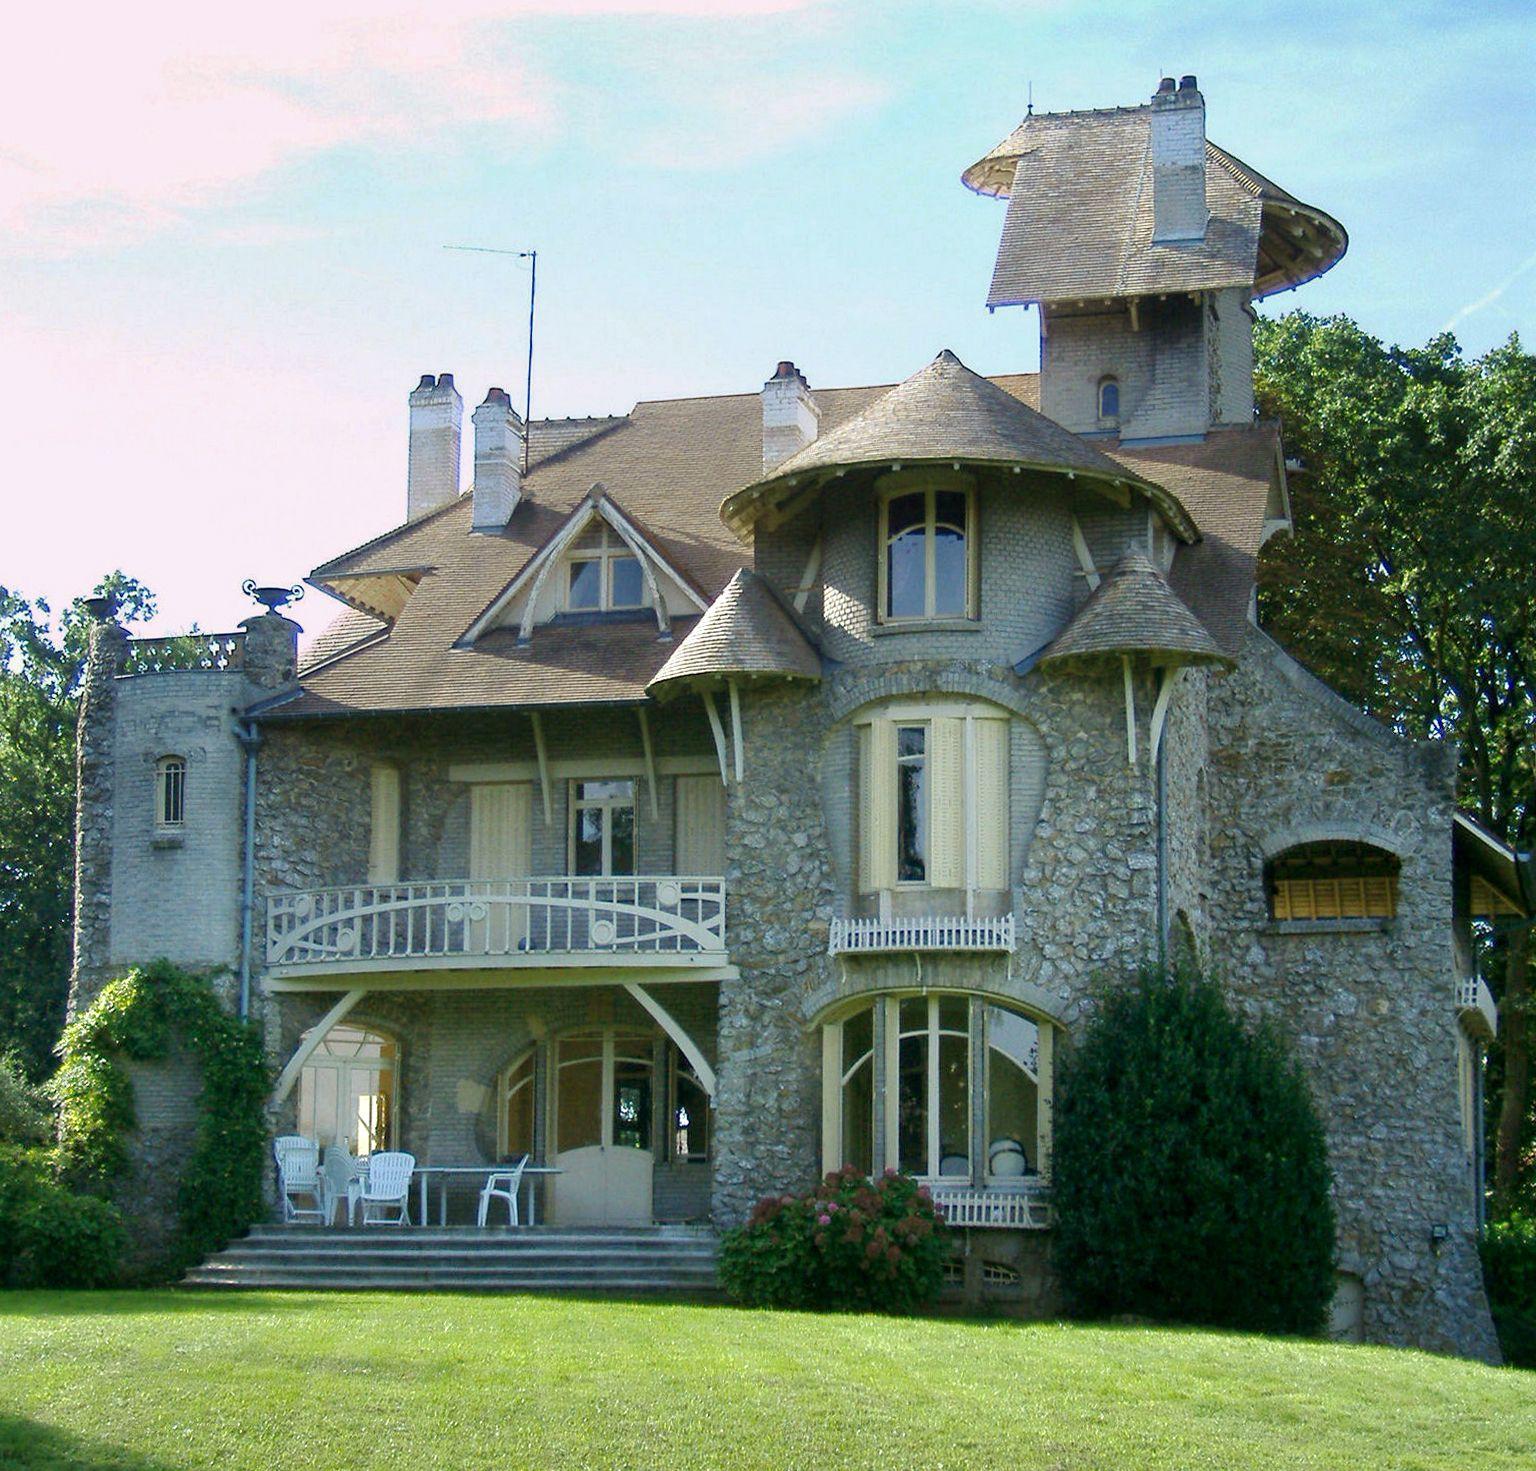 Le Castel Orgeval - Hector Guimard 1904 Art Nouveau